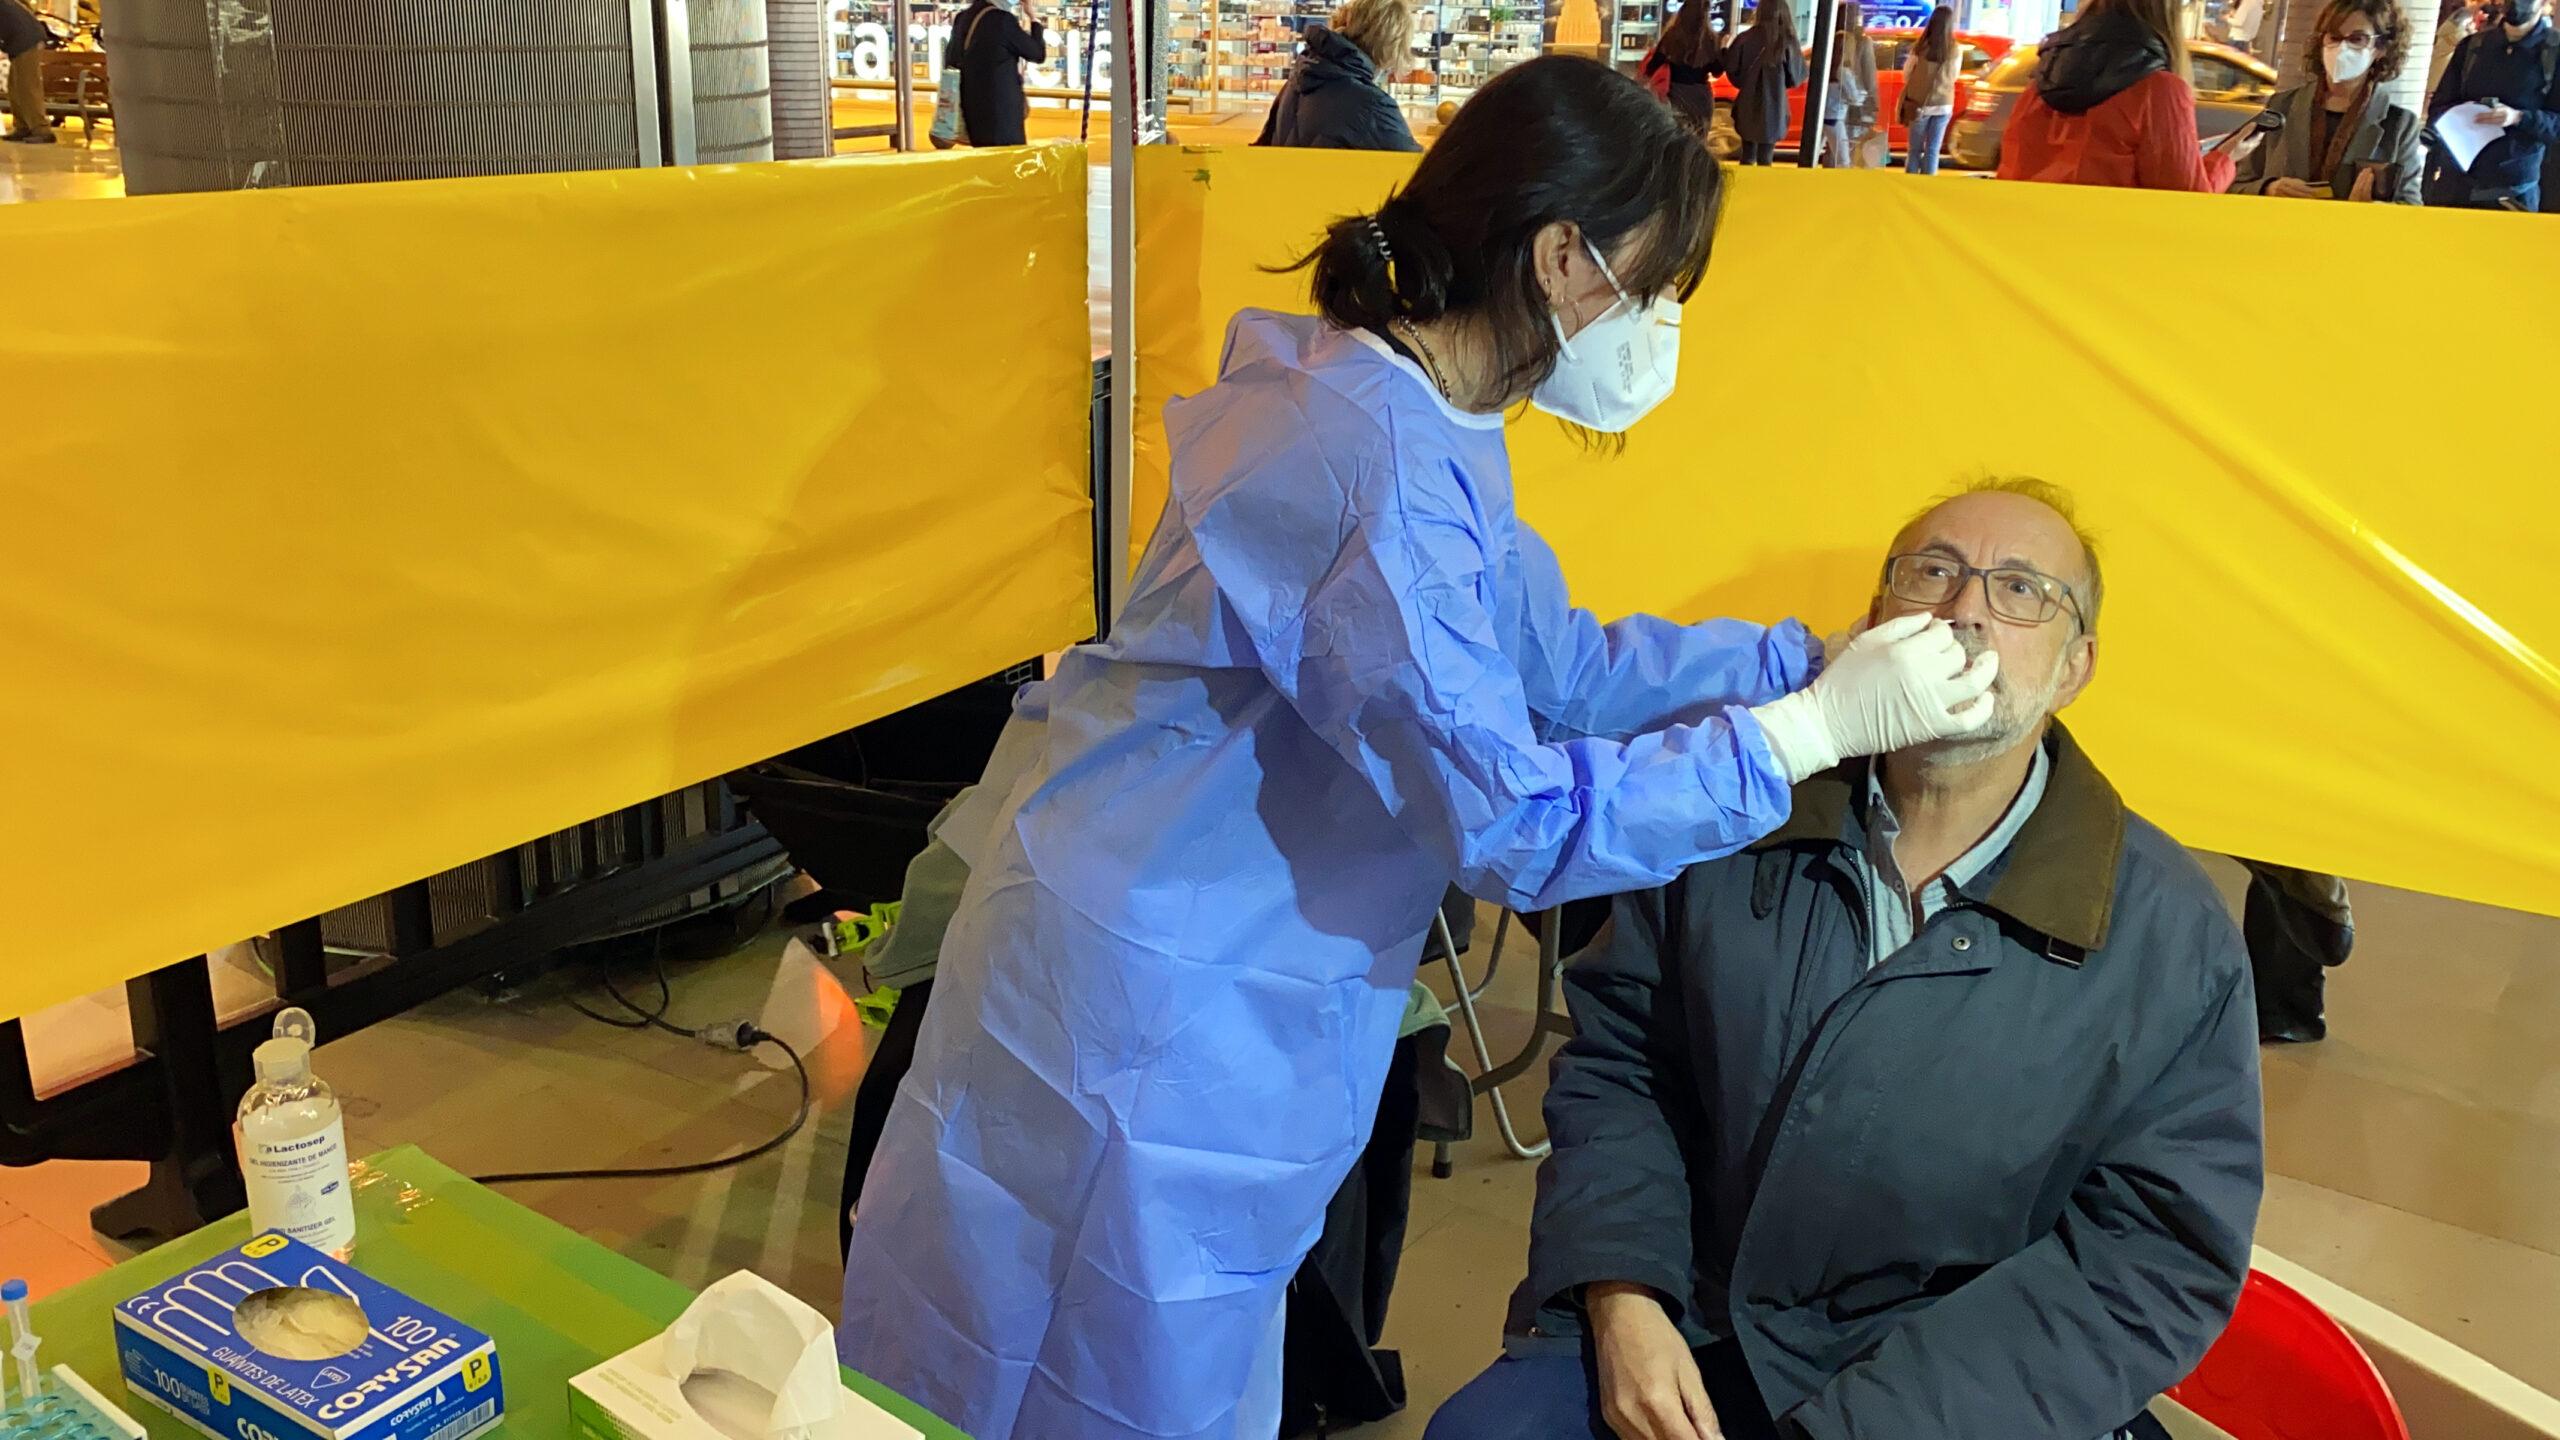 Una persona fent un test ràpid d'antígens en un dels punts de cribratge de la Cambra de Comerç de Barcelona | ACN